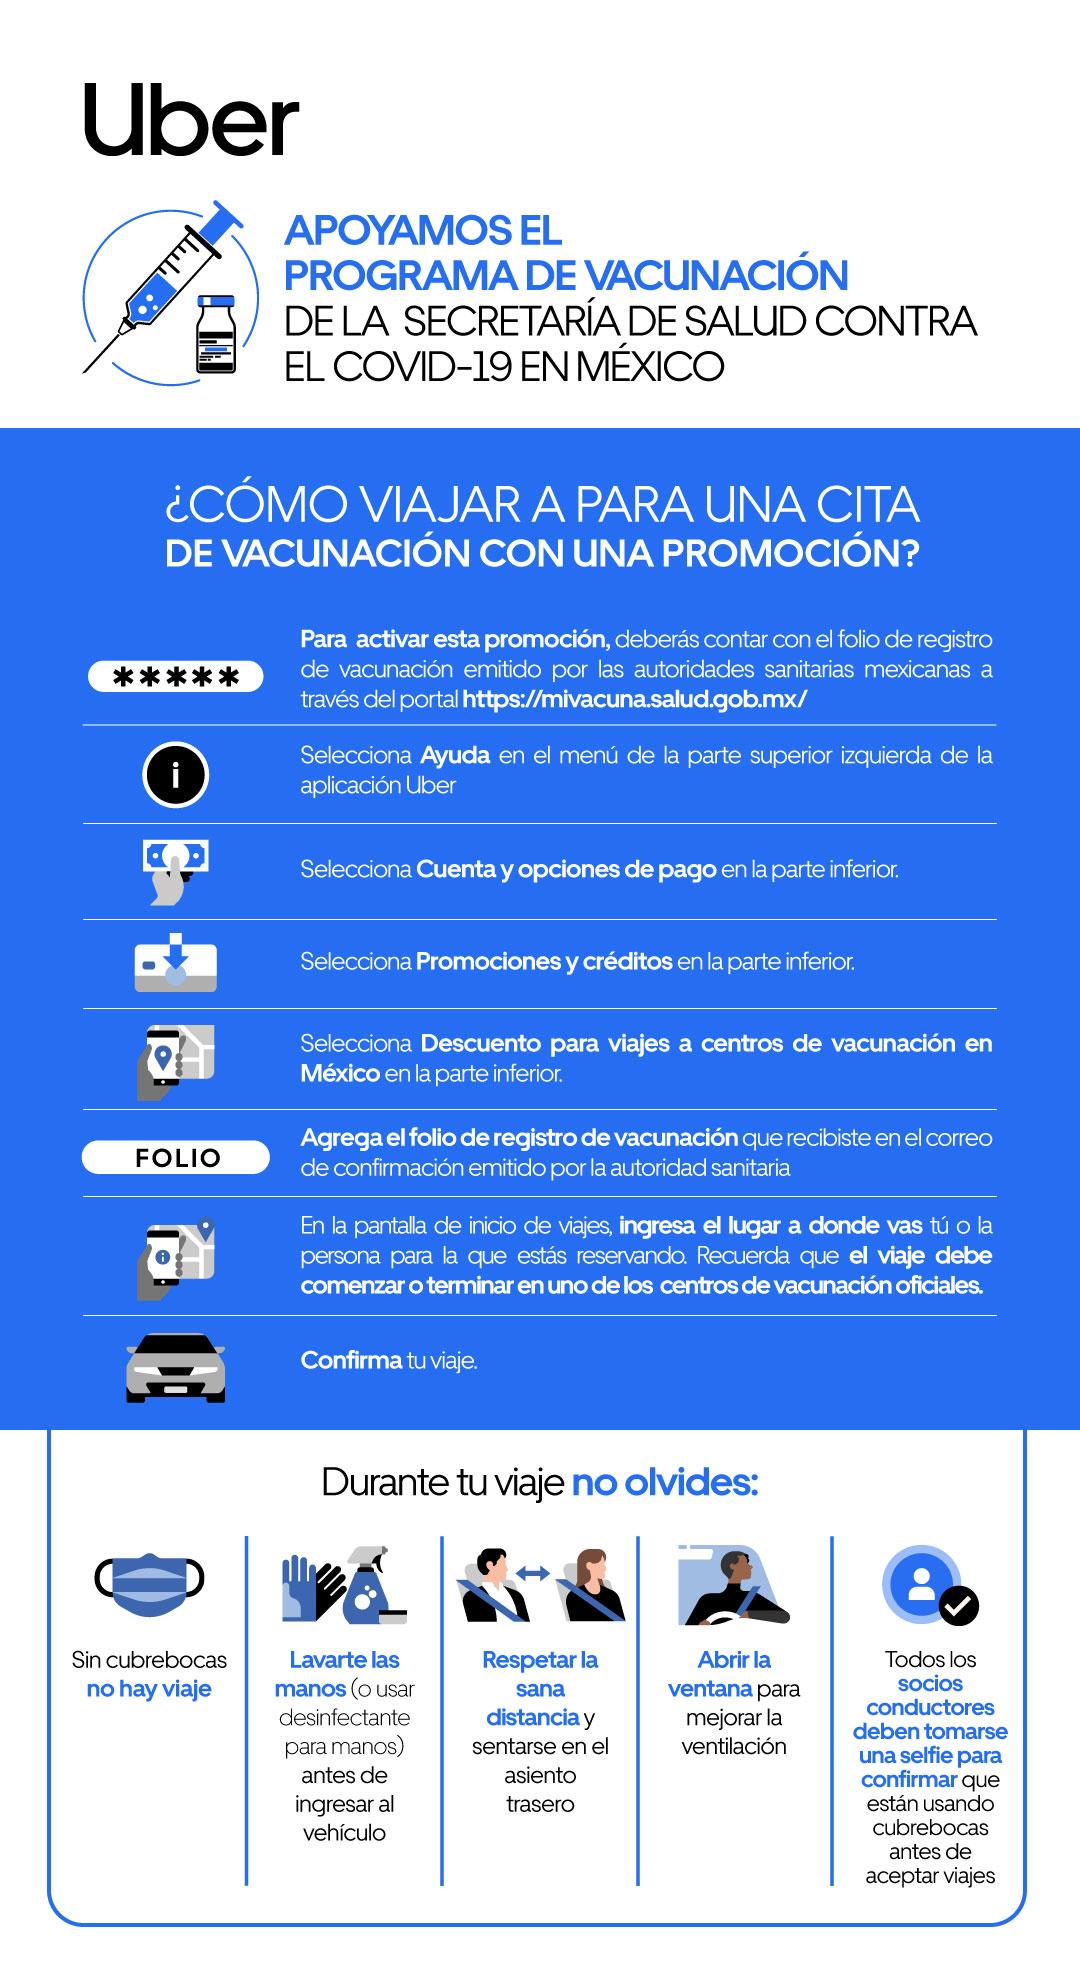 Infografía descriptiva del apoyo de Uber para viajar a los centros de vacunación autorizados en México